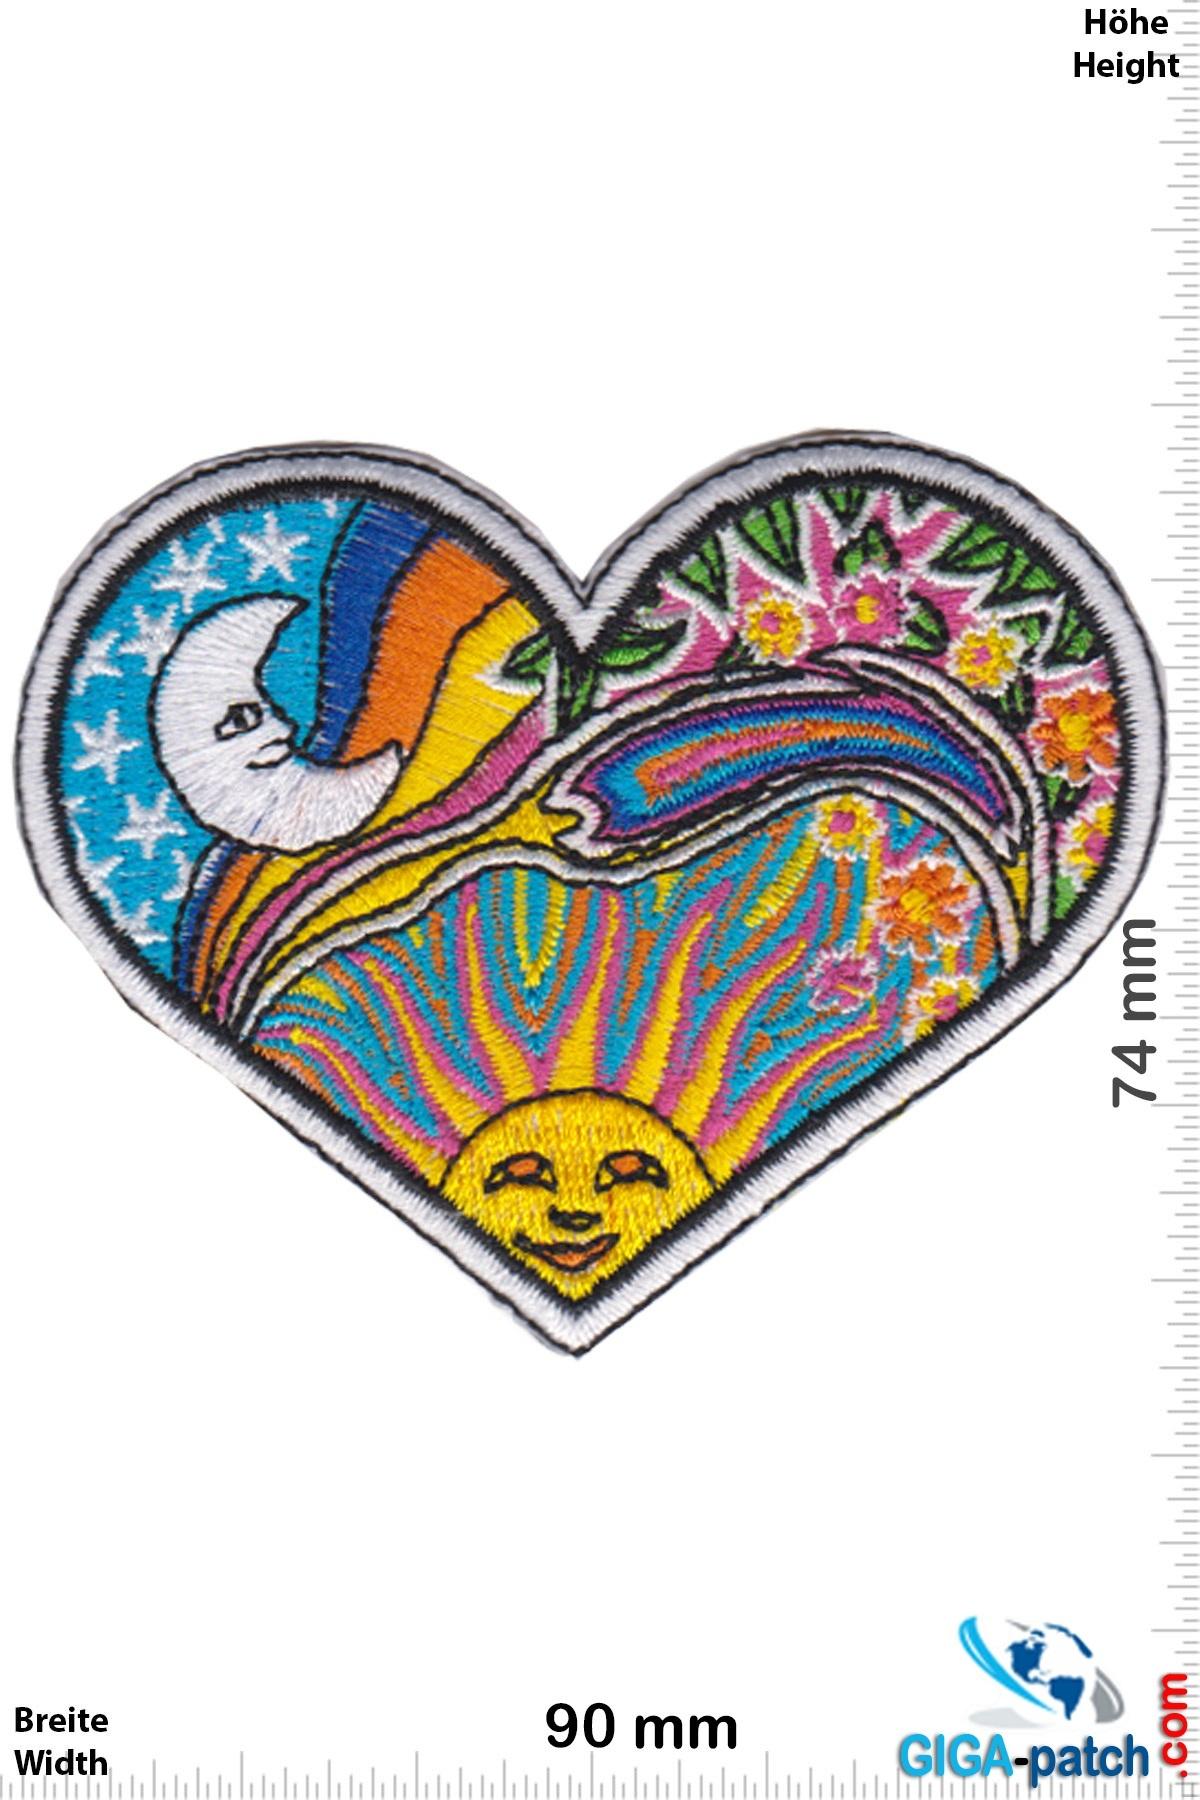 Love Love - Herz - Sonne - Mond